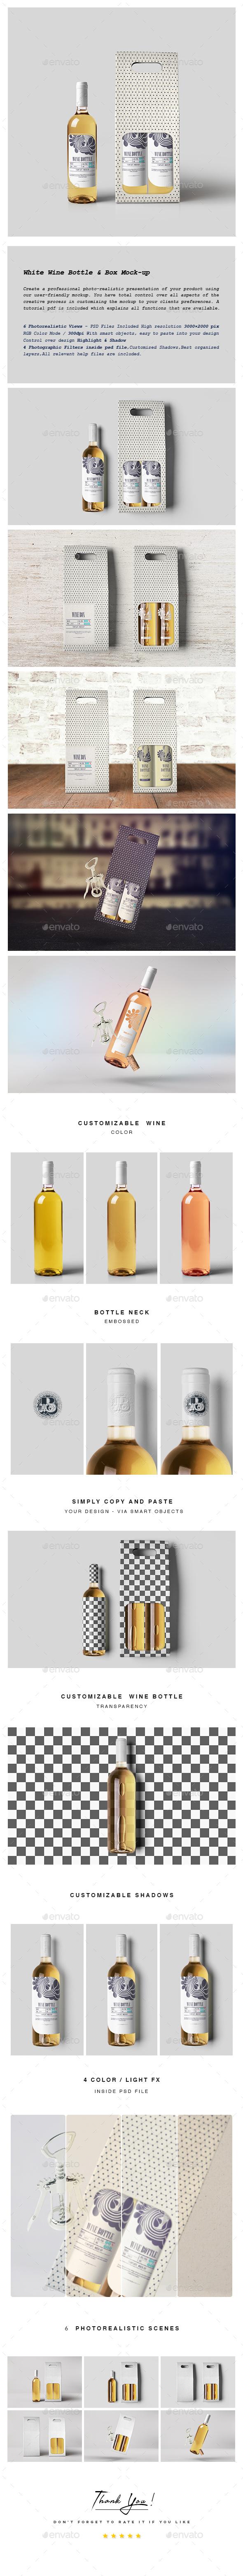 White Wine Bottle and Box Mock-up